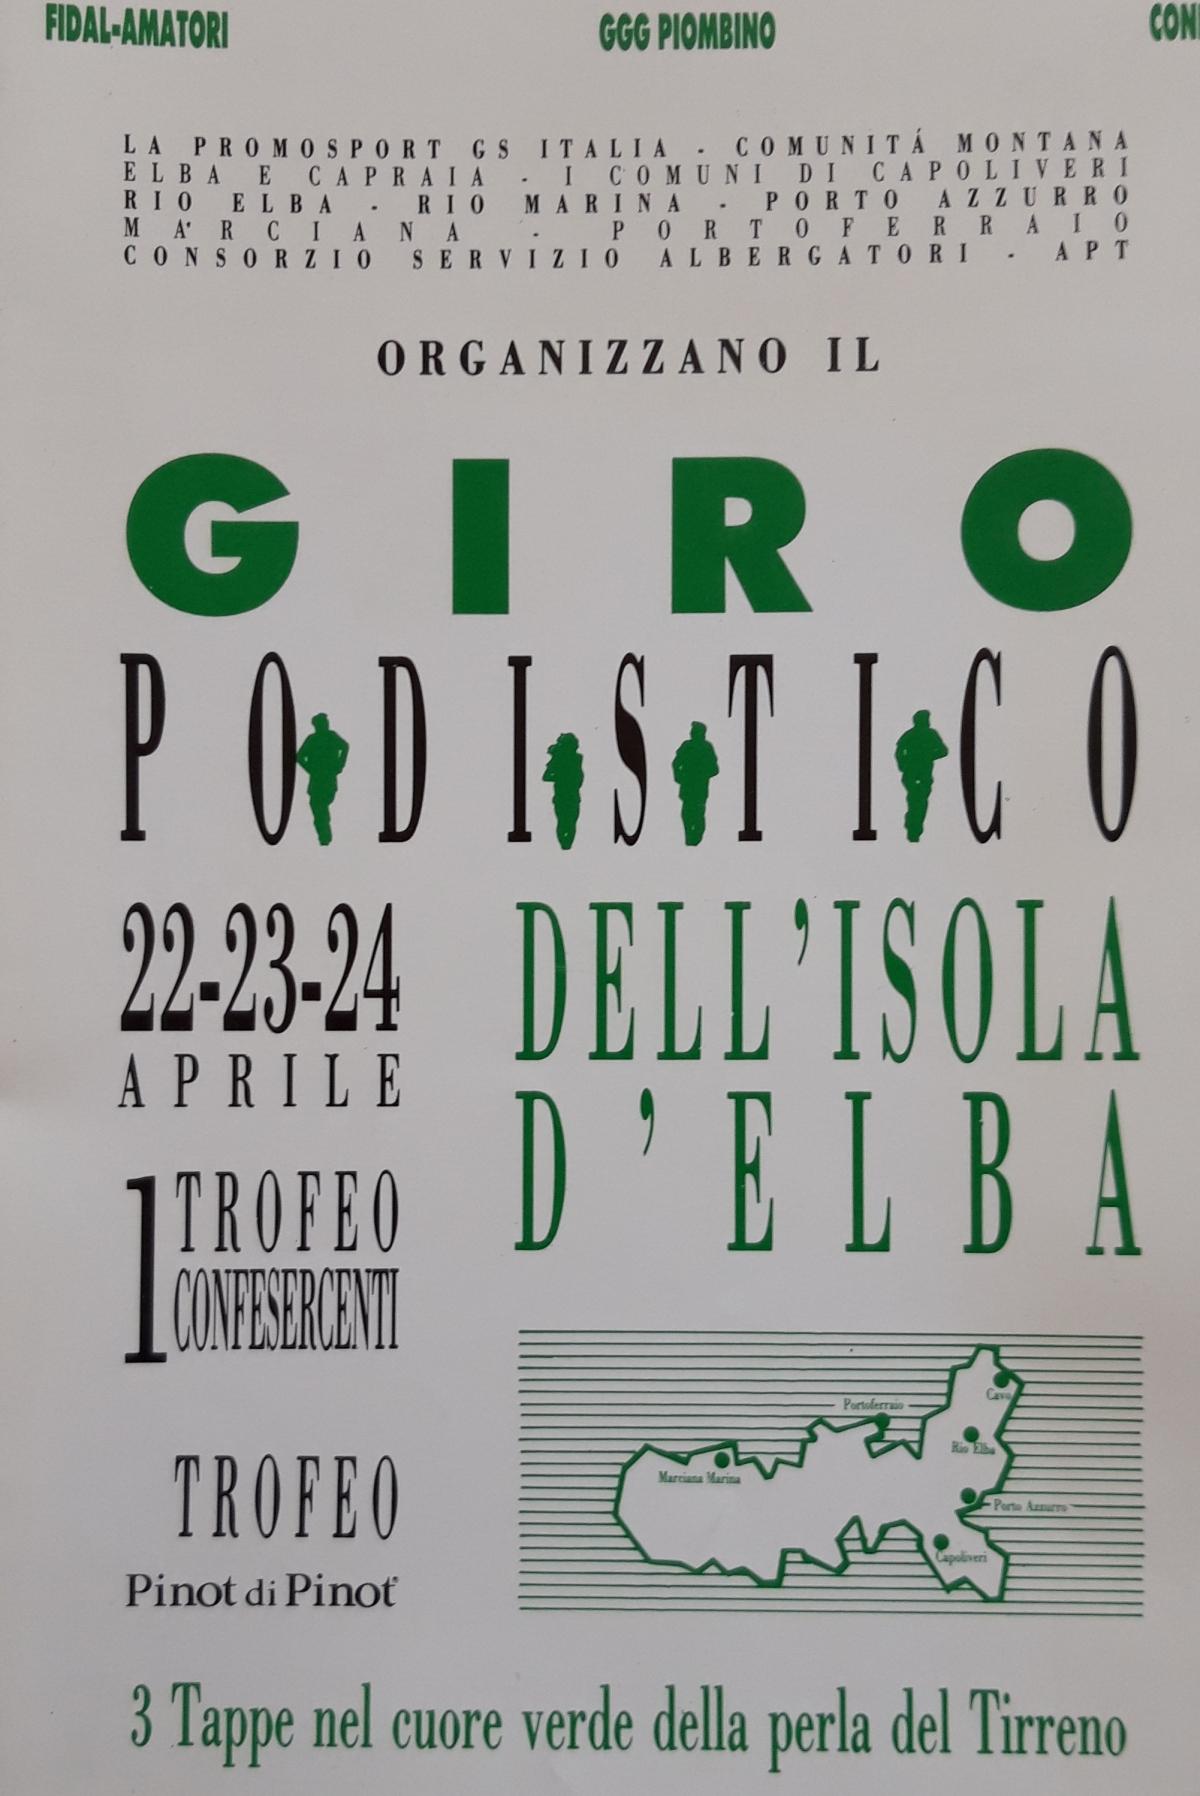 Dal giornalino del 1° Giro Podistico nel 1991